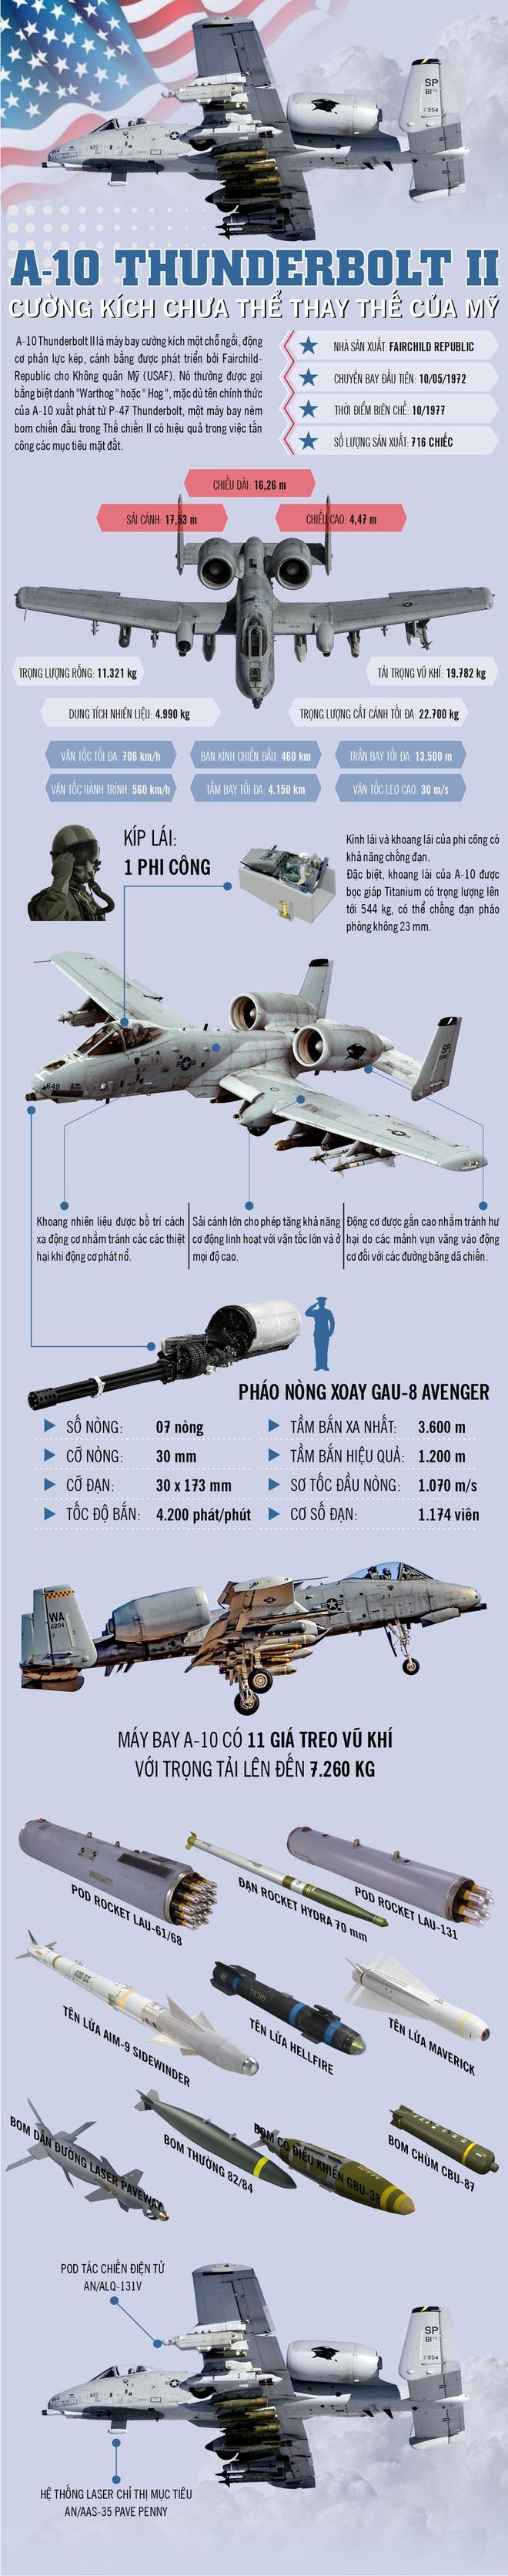 Infographic: A-10 Thunderbolt II - cường kích chưa thể thay thế của Mỹ - Ảnh 1.